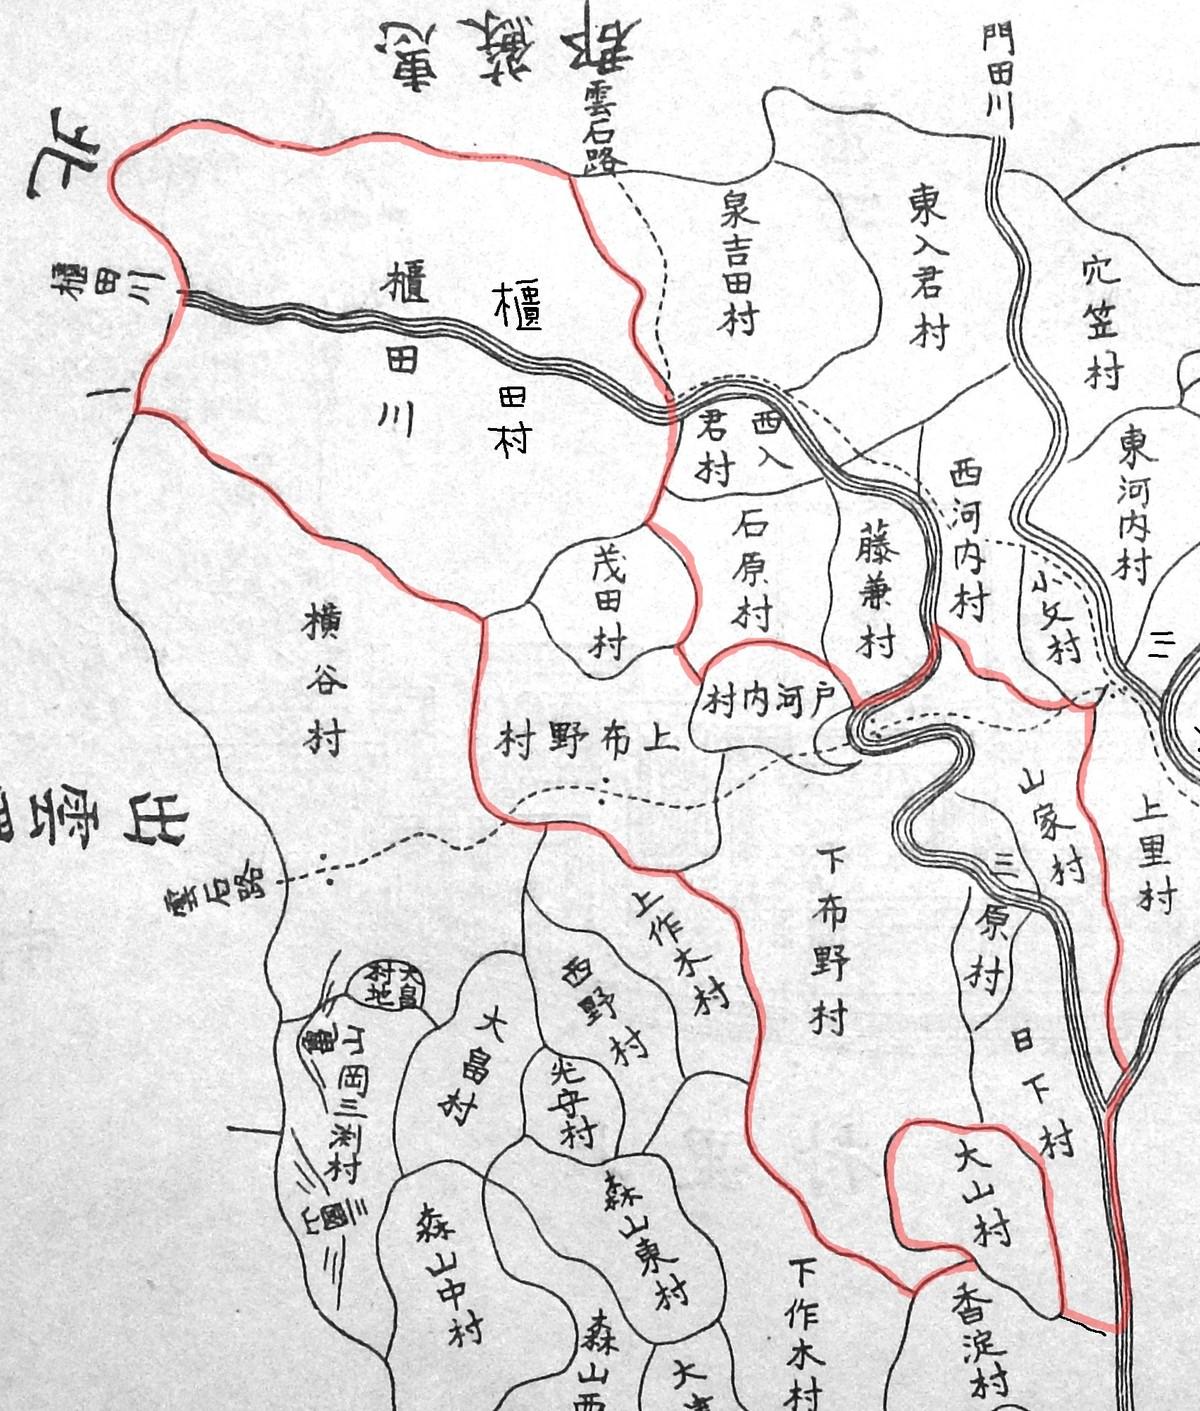 芸藩通志絵図 三次郡 櫃田村~日...